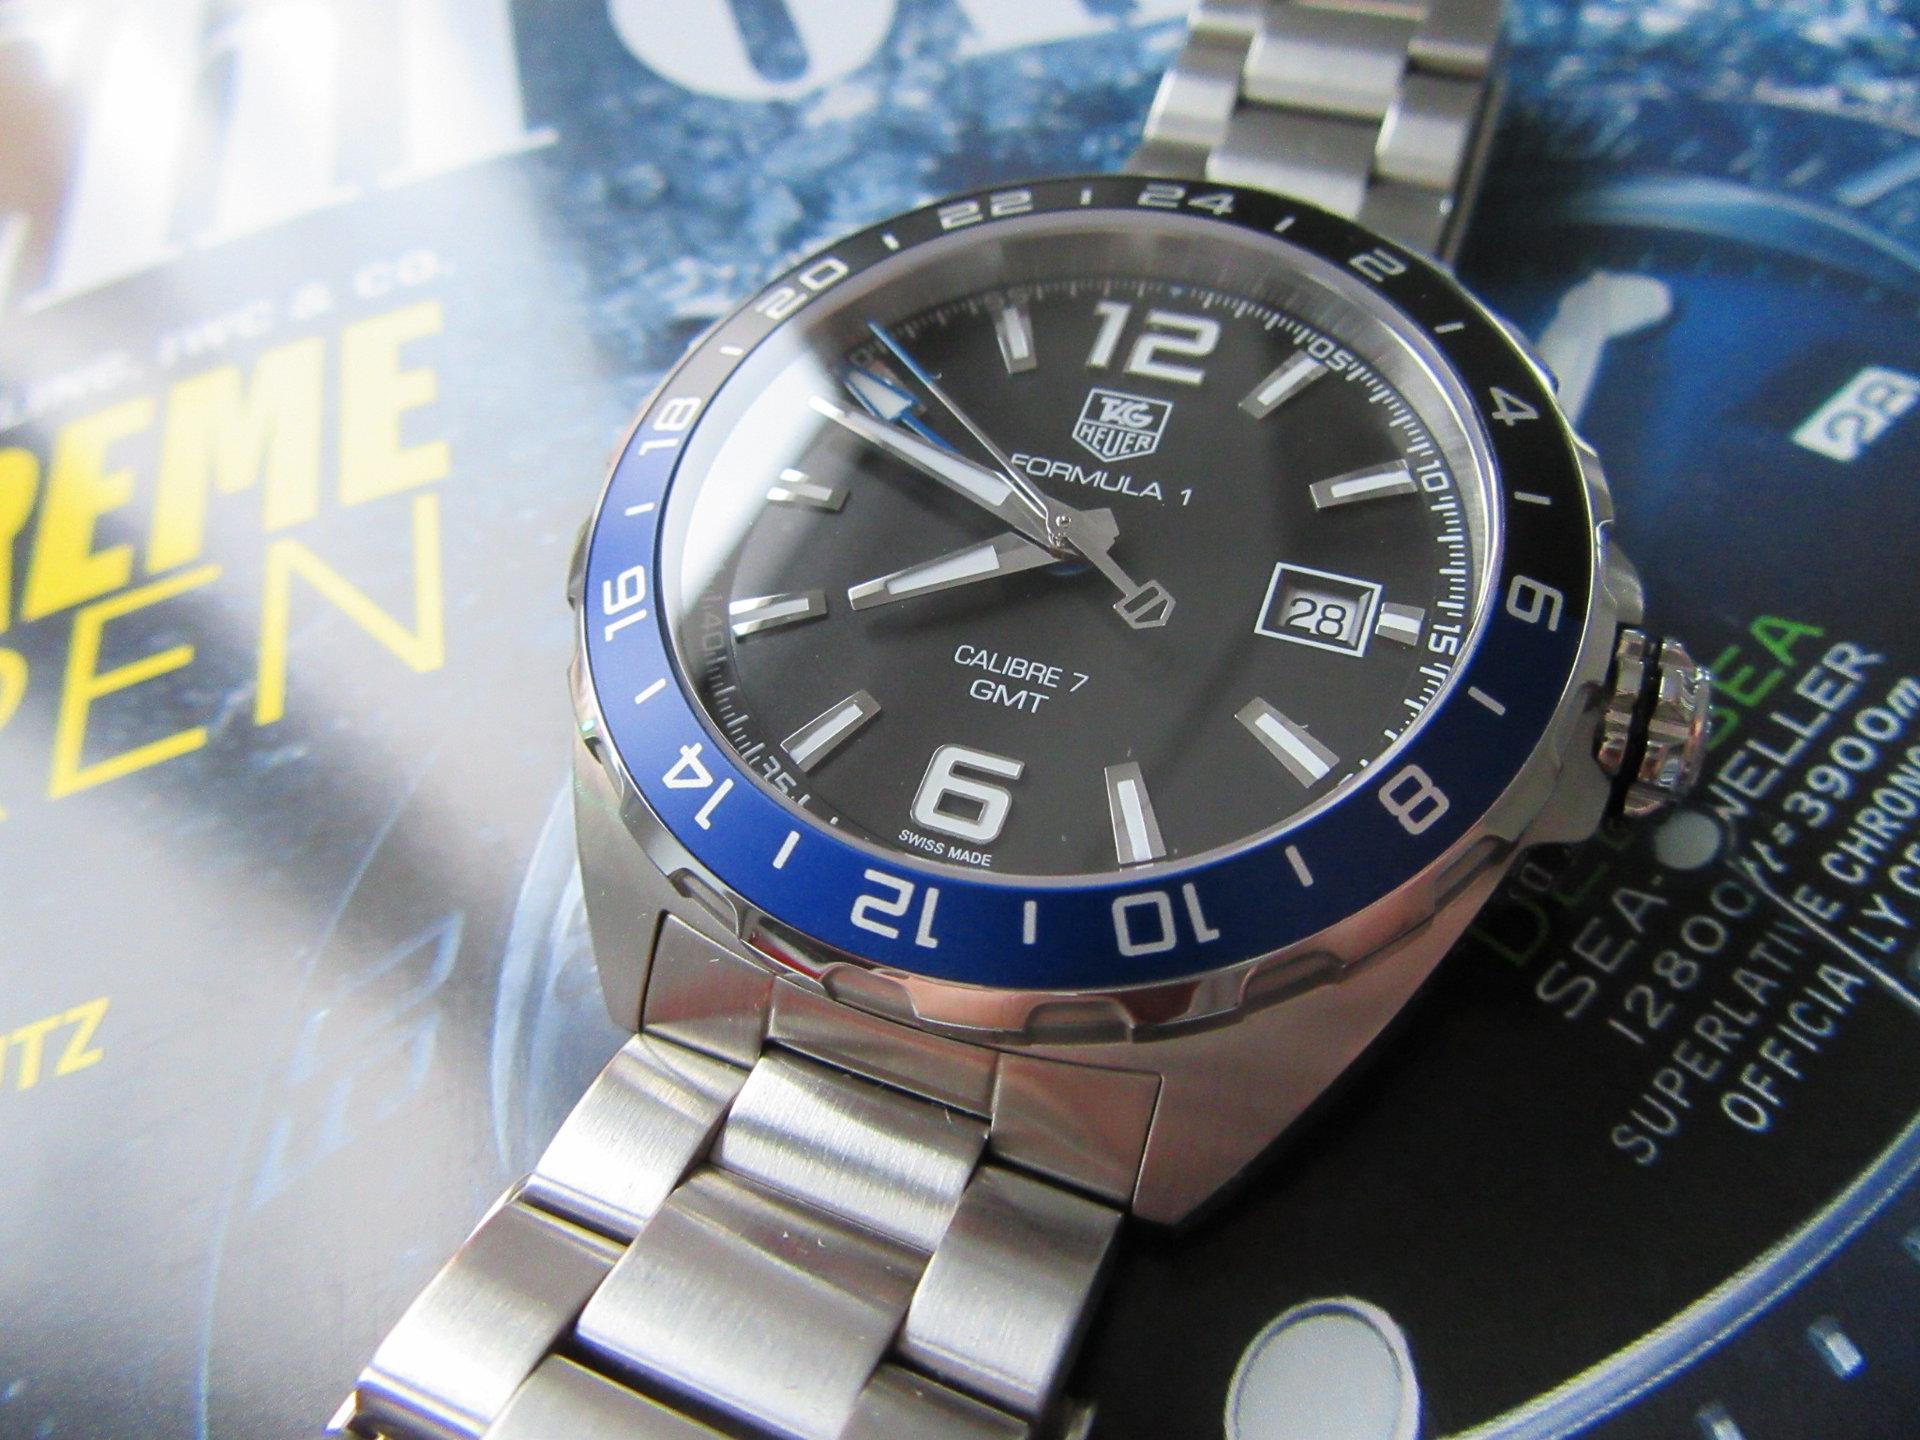 Welche Uhr en komm t en als nächste UhrForum Seite 652